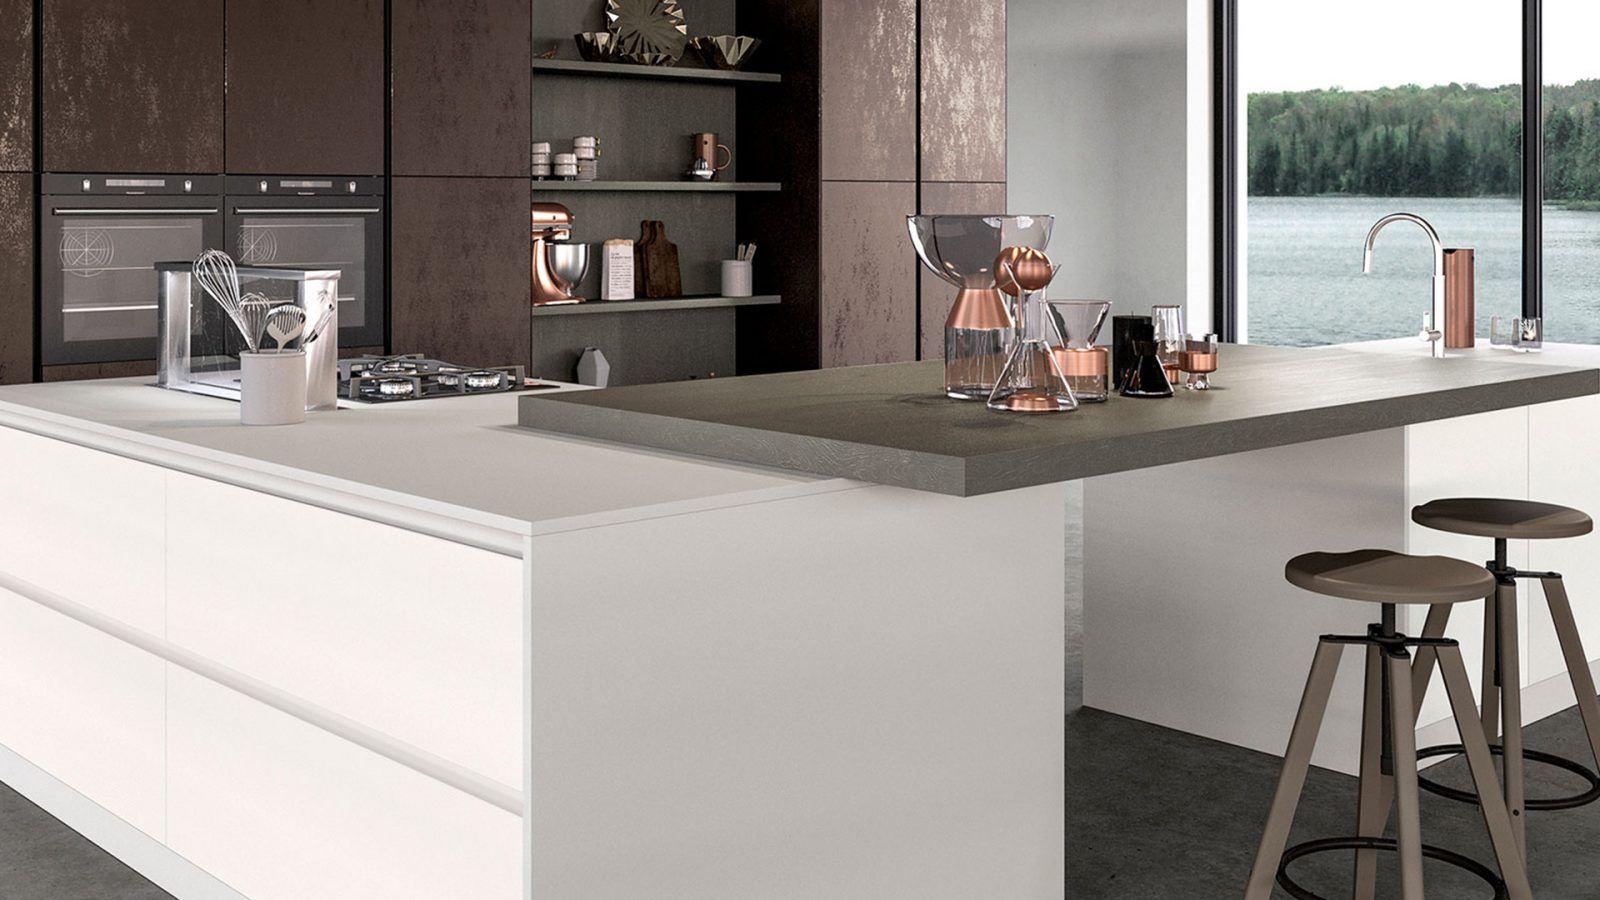 Cucine su misura a padova progettazione gratuita - Costo cucina su misura ...